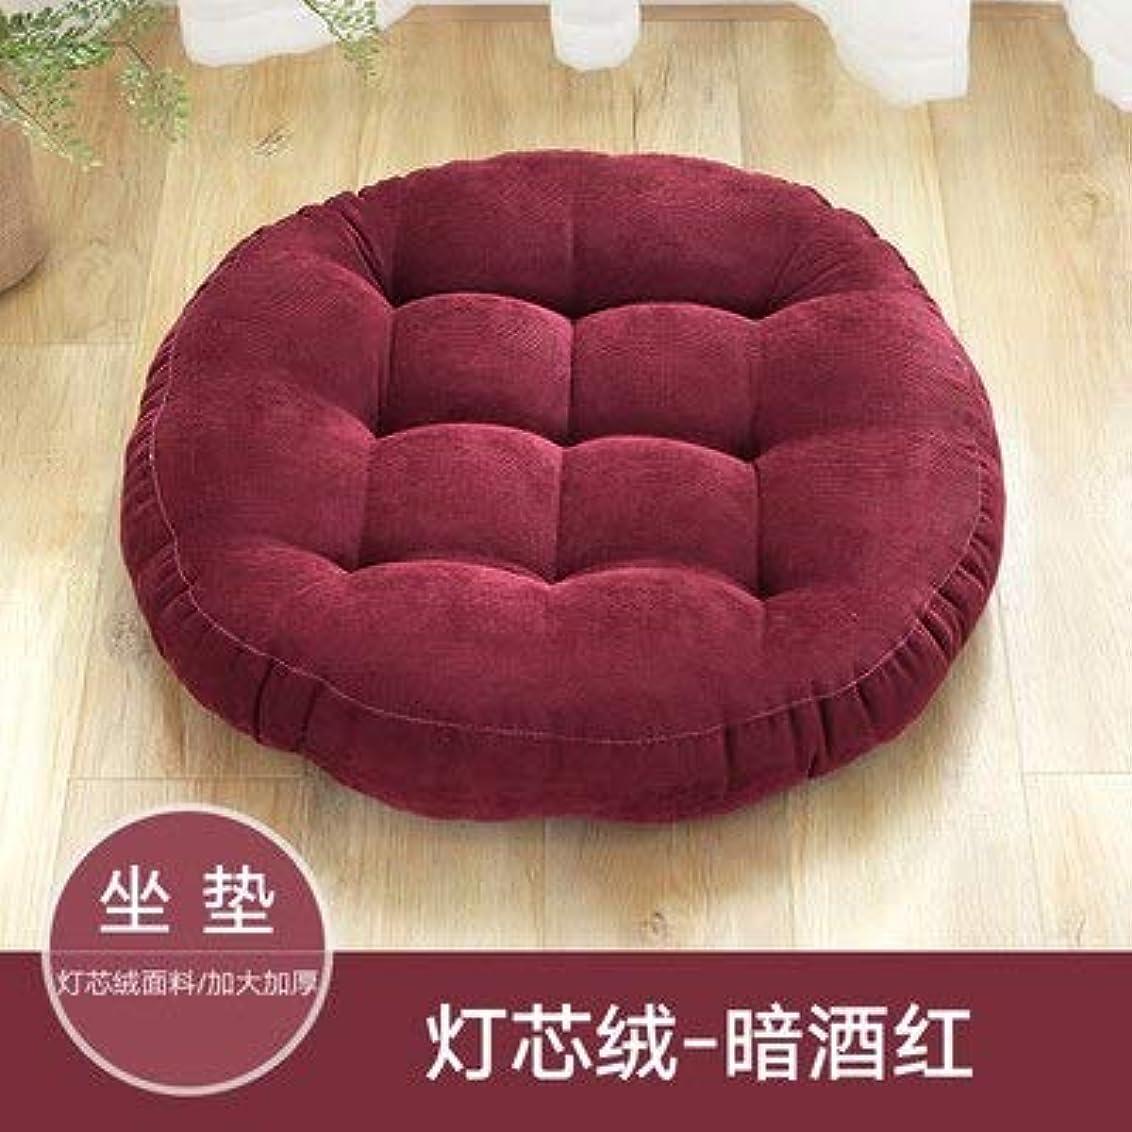 予備糞火曜日LIFE ラウンド厚い椅子のクッションフロアマットレスシートパッドソフトホームオフィスチェアクッションマットソフトスロー枕最高品質の床クッション クッション 椅子